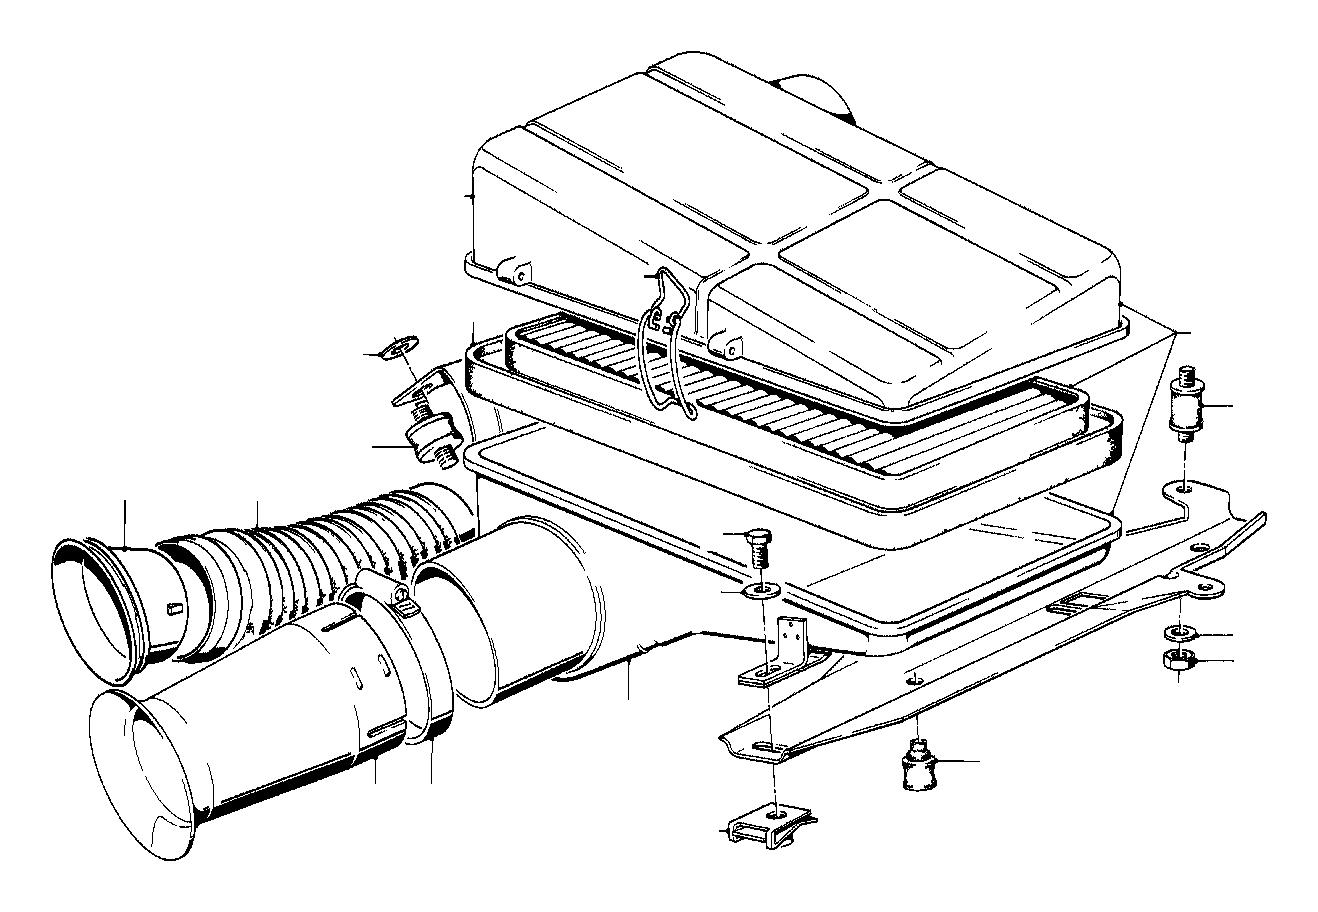 BMW 633CSi Intake tube. Silencer, Fuel, Filter